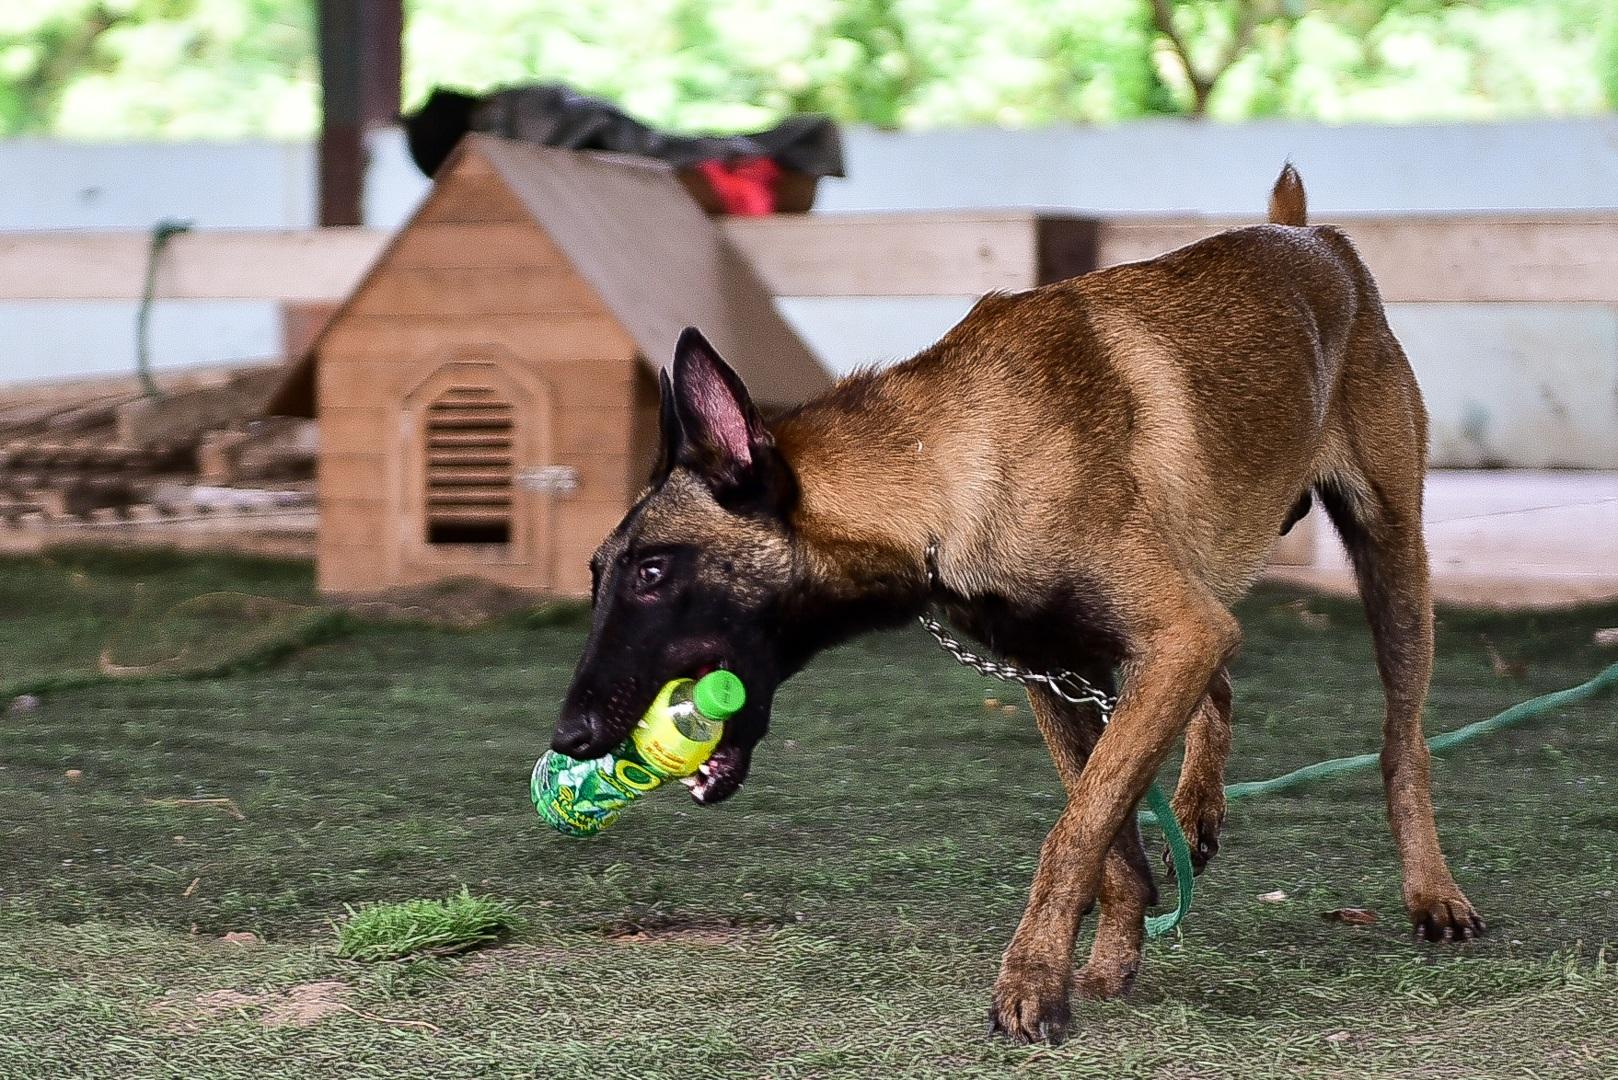 Sau hàng loạt vụ chó tấn công kinh hoàng: Những kinh nghiệm sống còn để thoát hiểm - 3